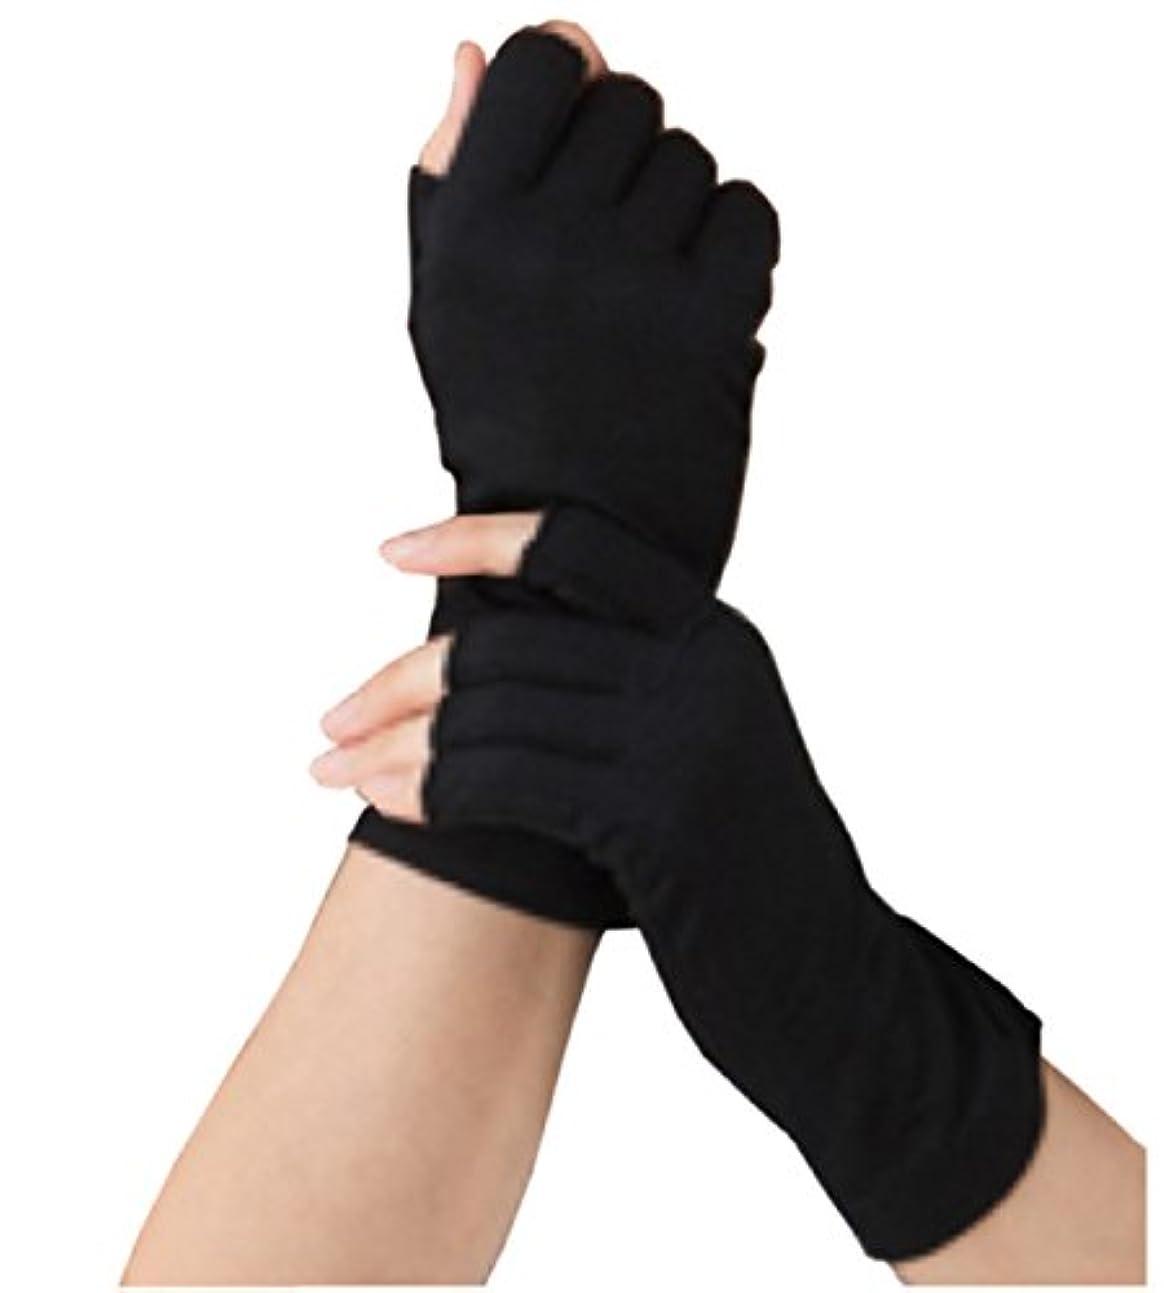 叙情的な最初に流体Silk 100% シルク 手袋 指先カット タイプ 薄手 オールシーズンOK 外出時の 紫外線 UV 対策 スマホ PC 操作 や ICカード 取り出しもらくらく! 手首 ゆったり おやすみ フィンガーレス スキンケア...